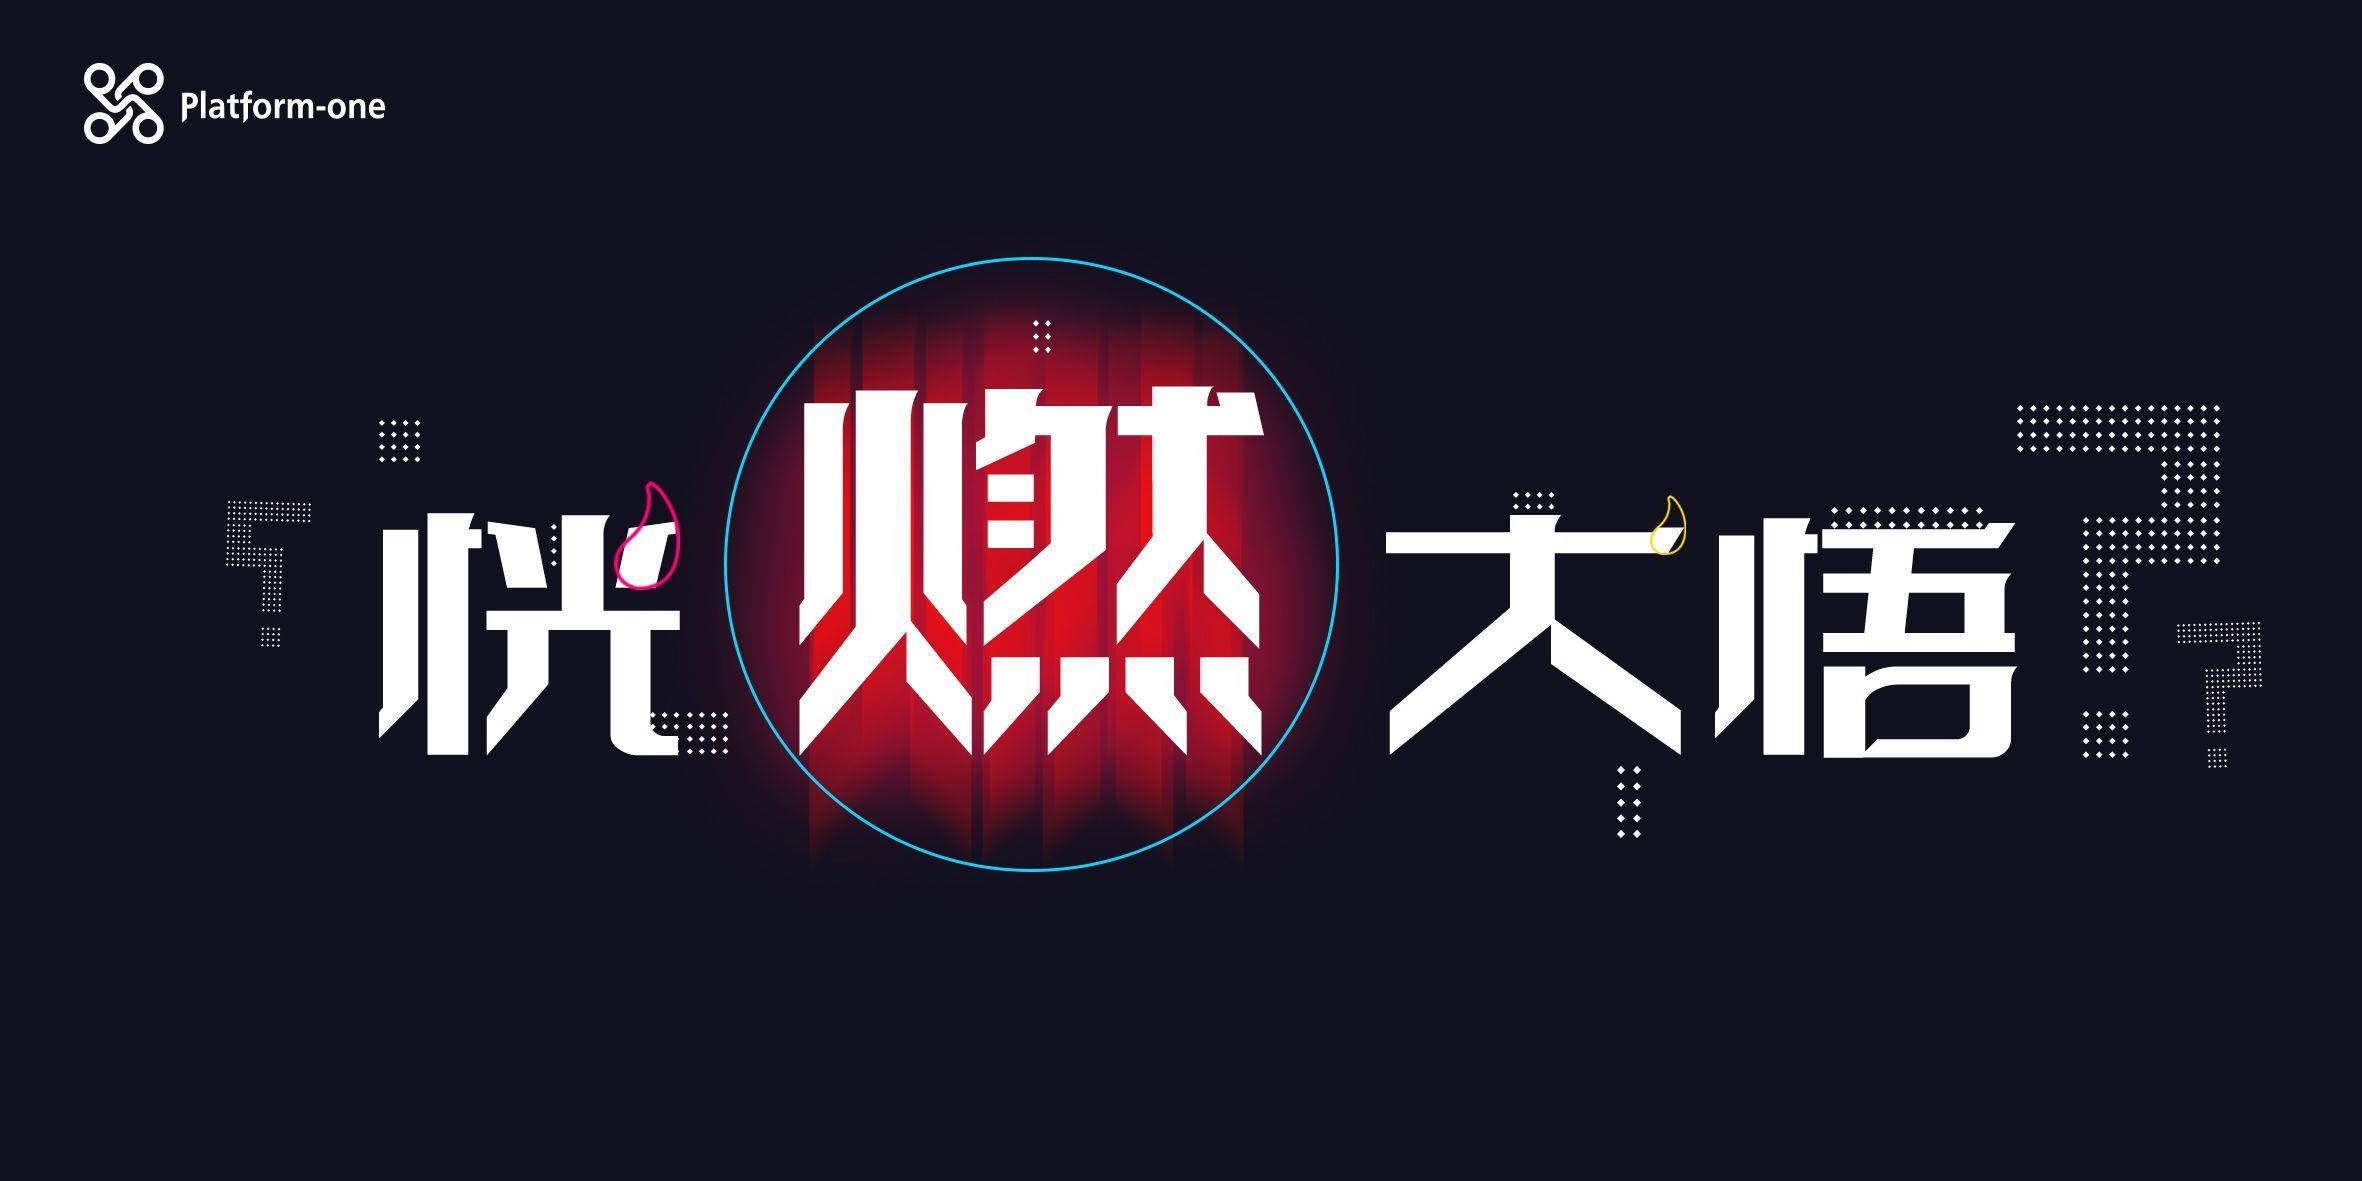 燃灯计划 飞特网 原创海报设计